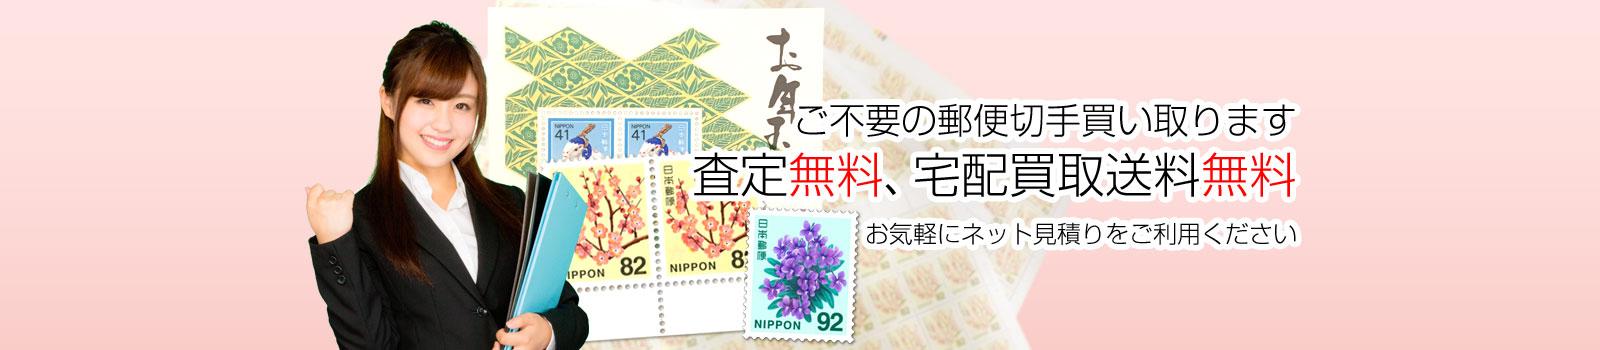 ご不要の切手買い取ります。査定無料、宅配買取送料無料